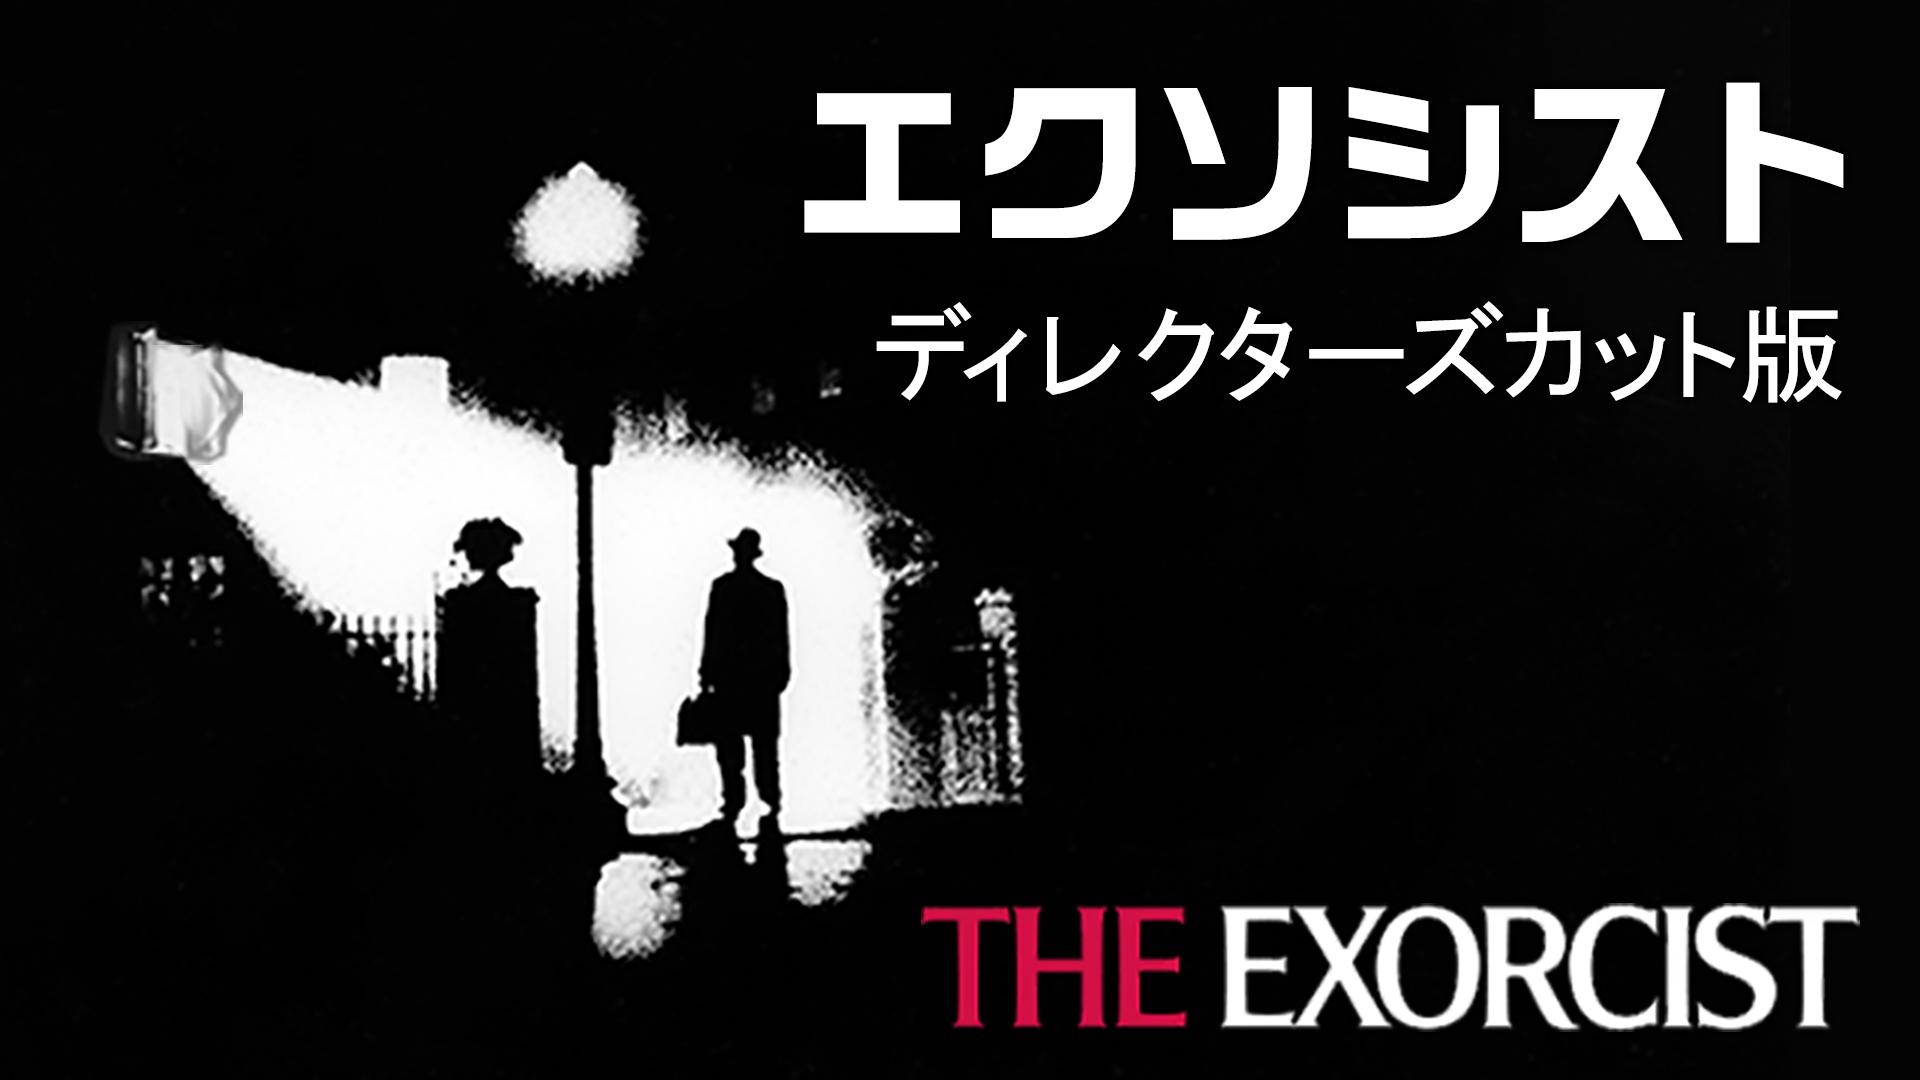 エクソシスト/ディレクターズ・カット版